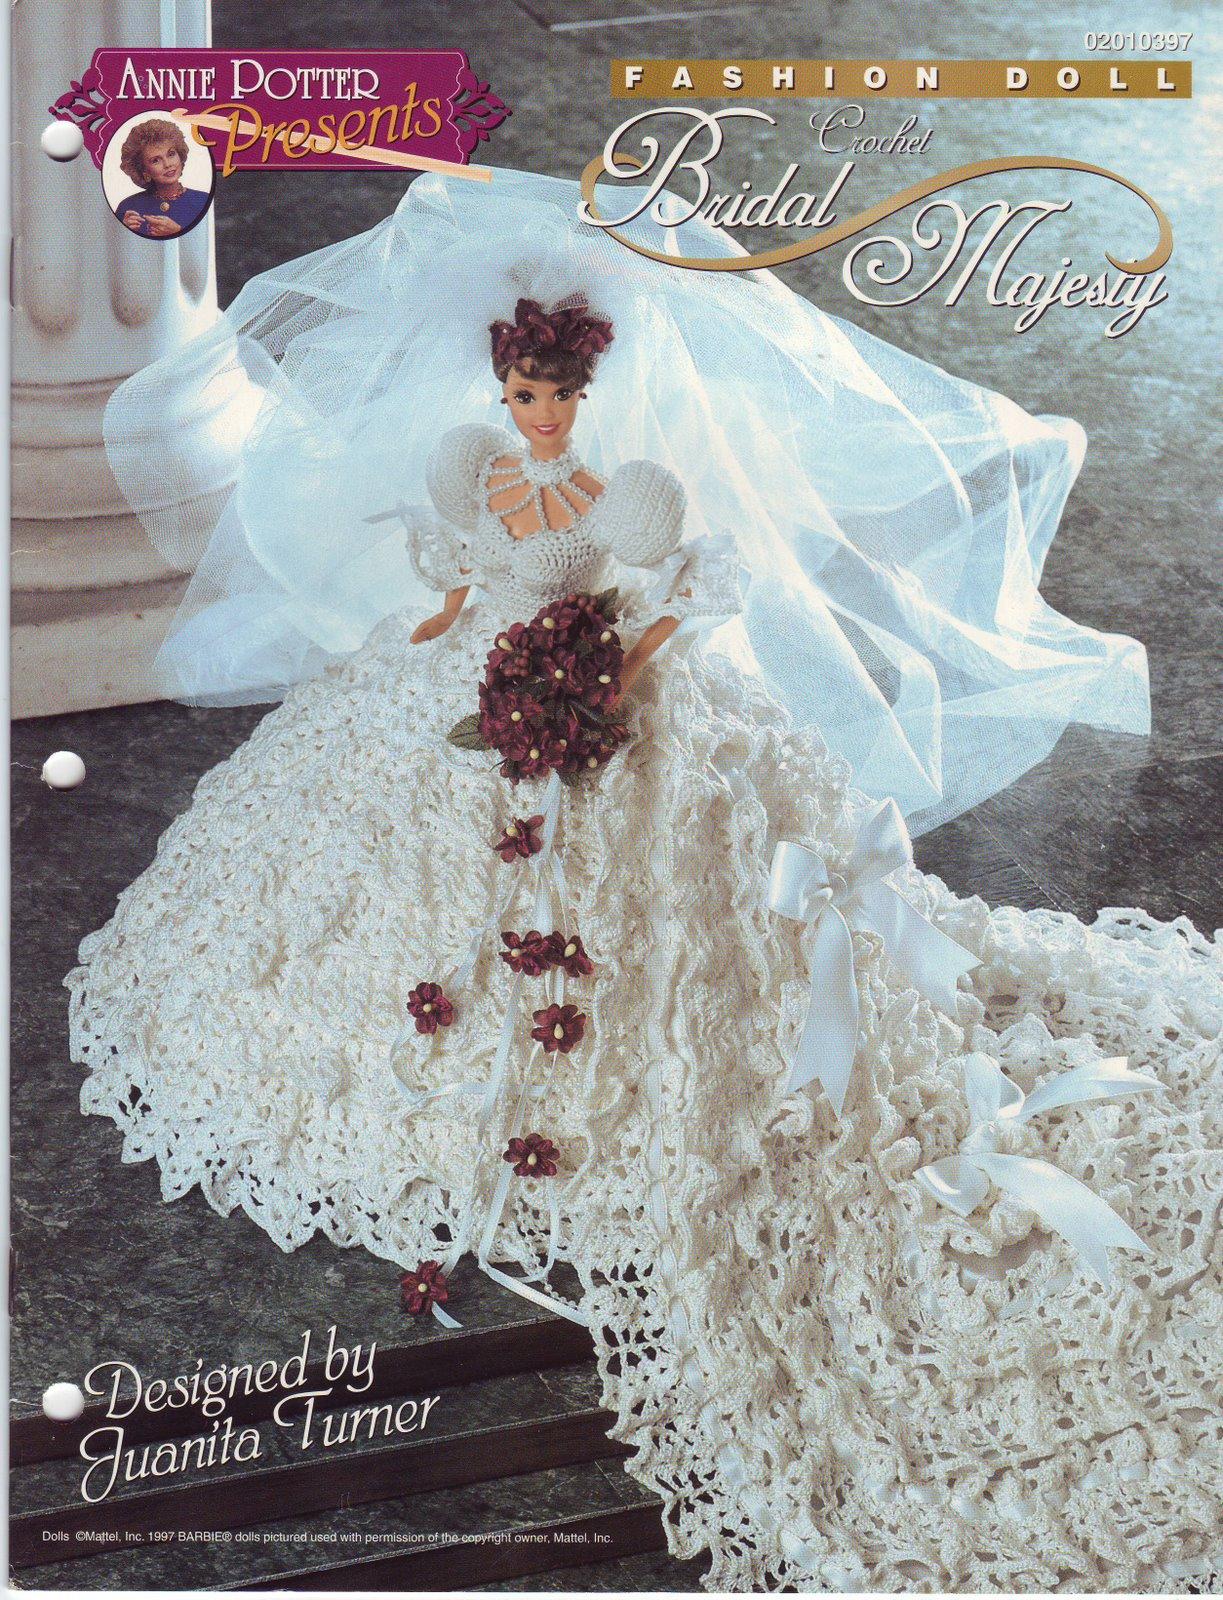 Fashion Doll Crochet Bridal Gown Pattern Crochet Kingdom